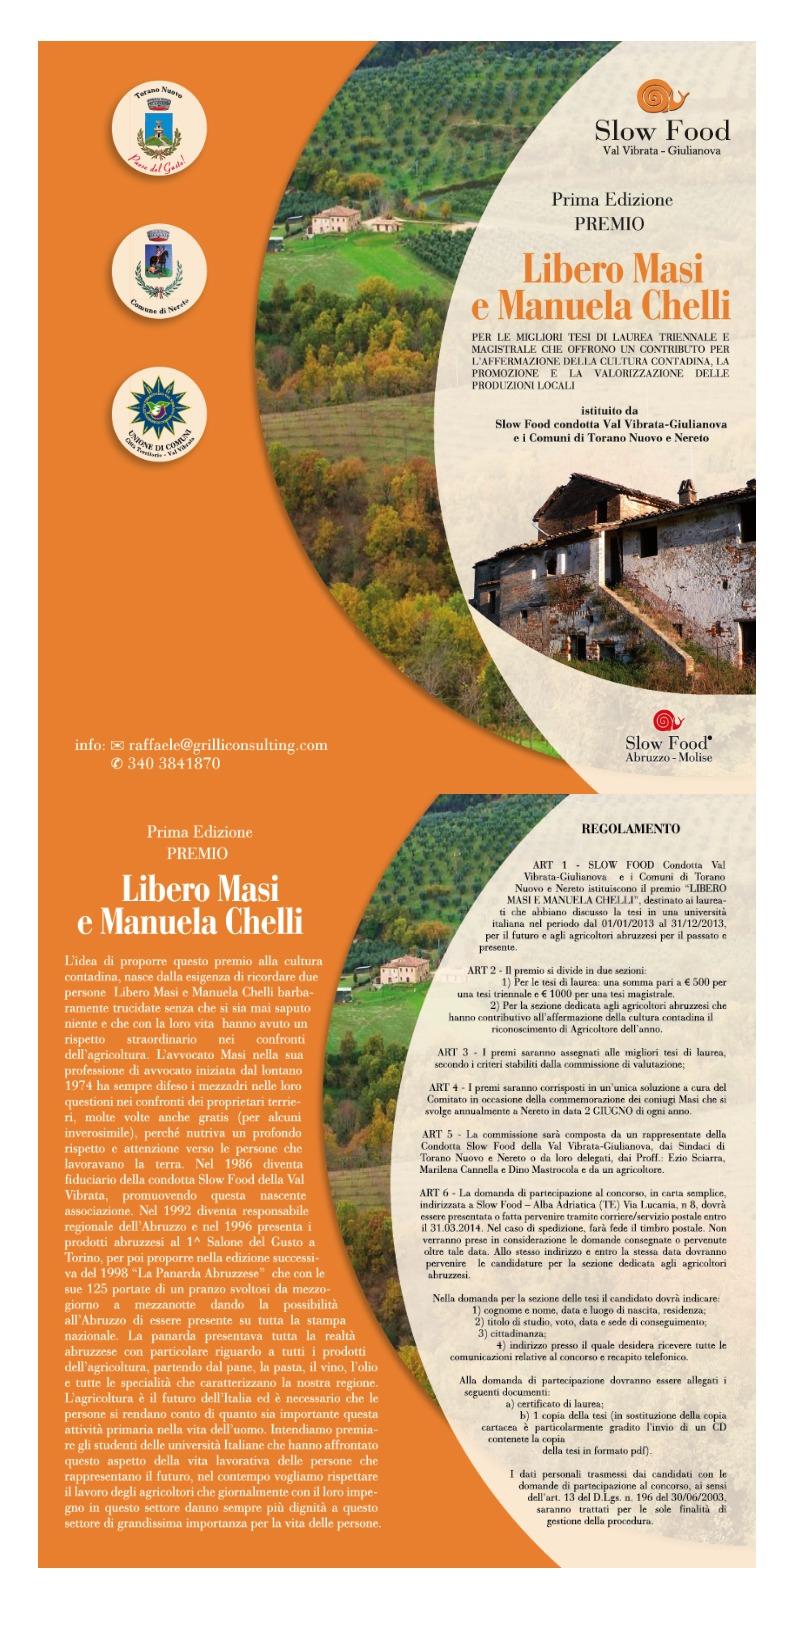 Prima Edizione Premio Libero Masi e Manuela Chelli